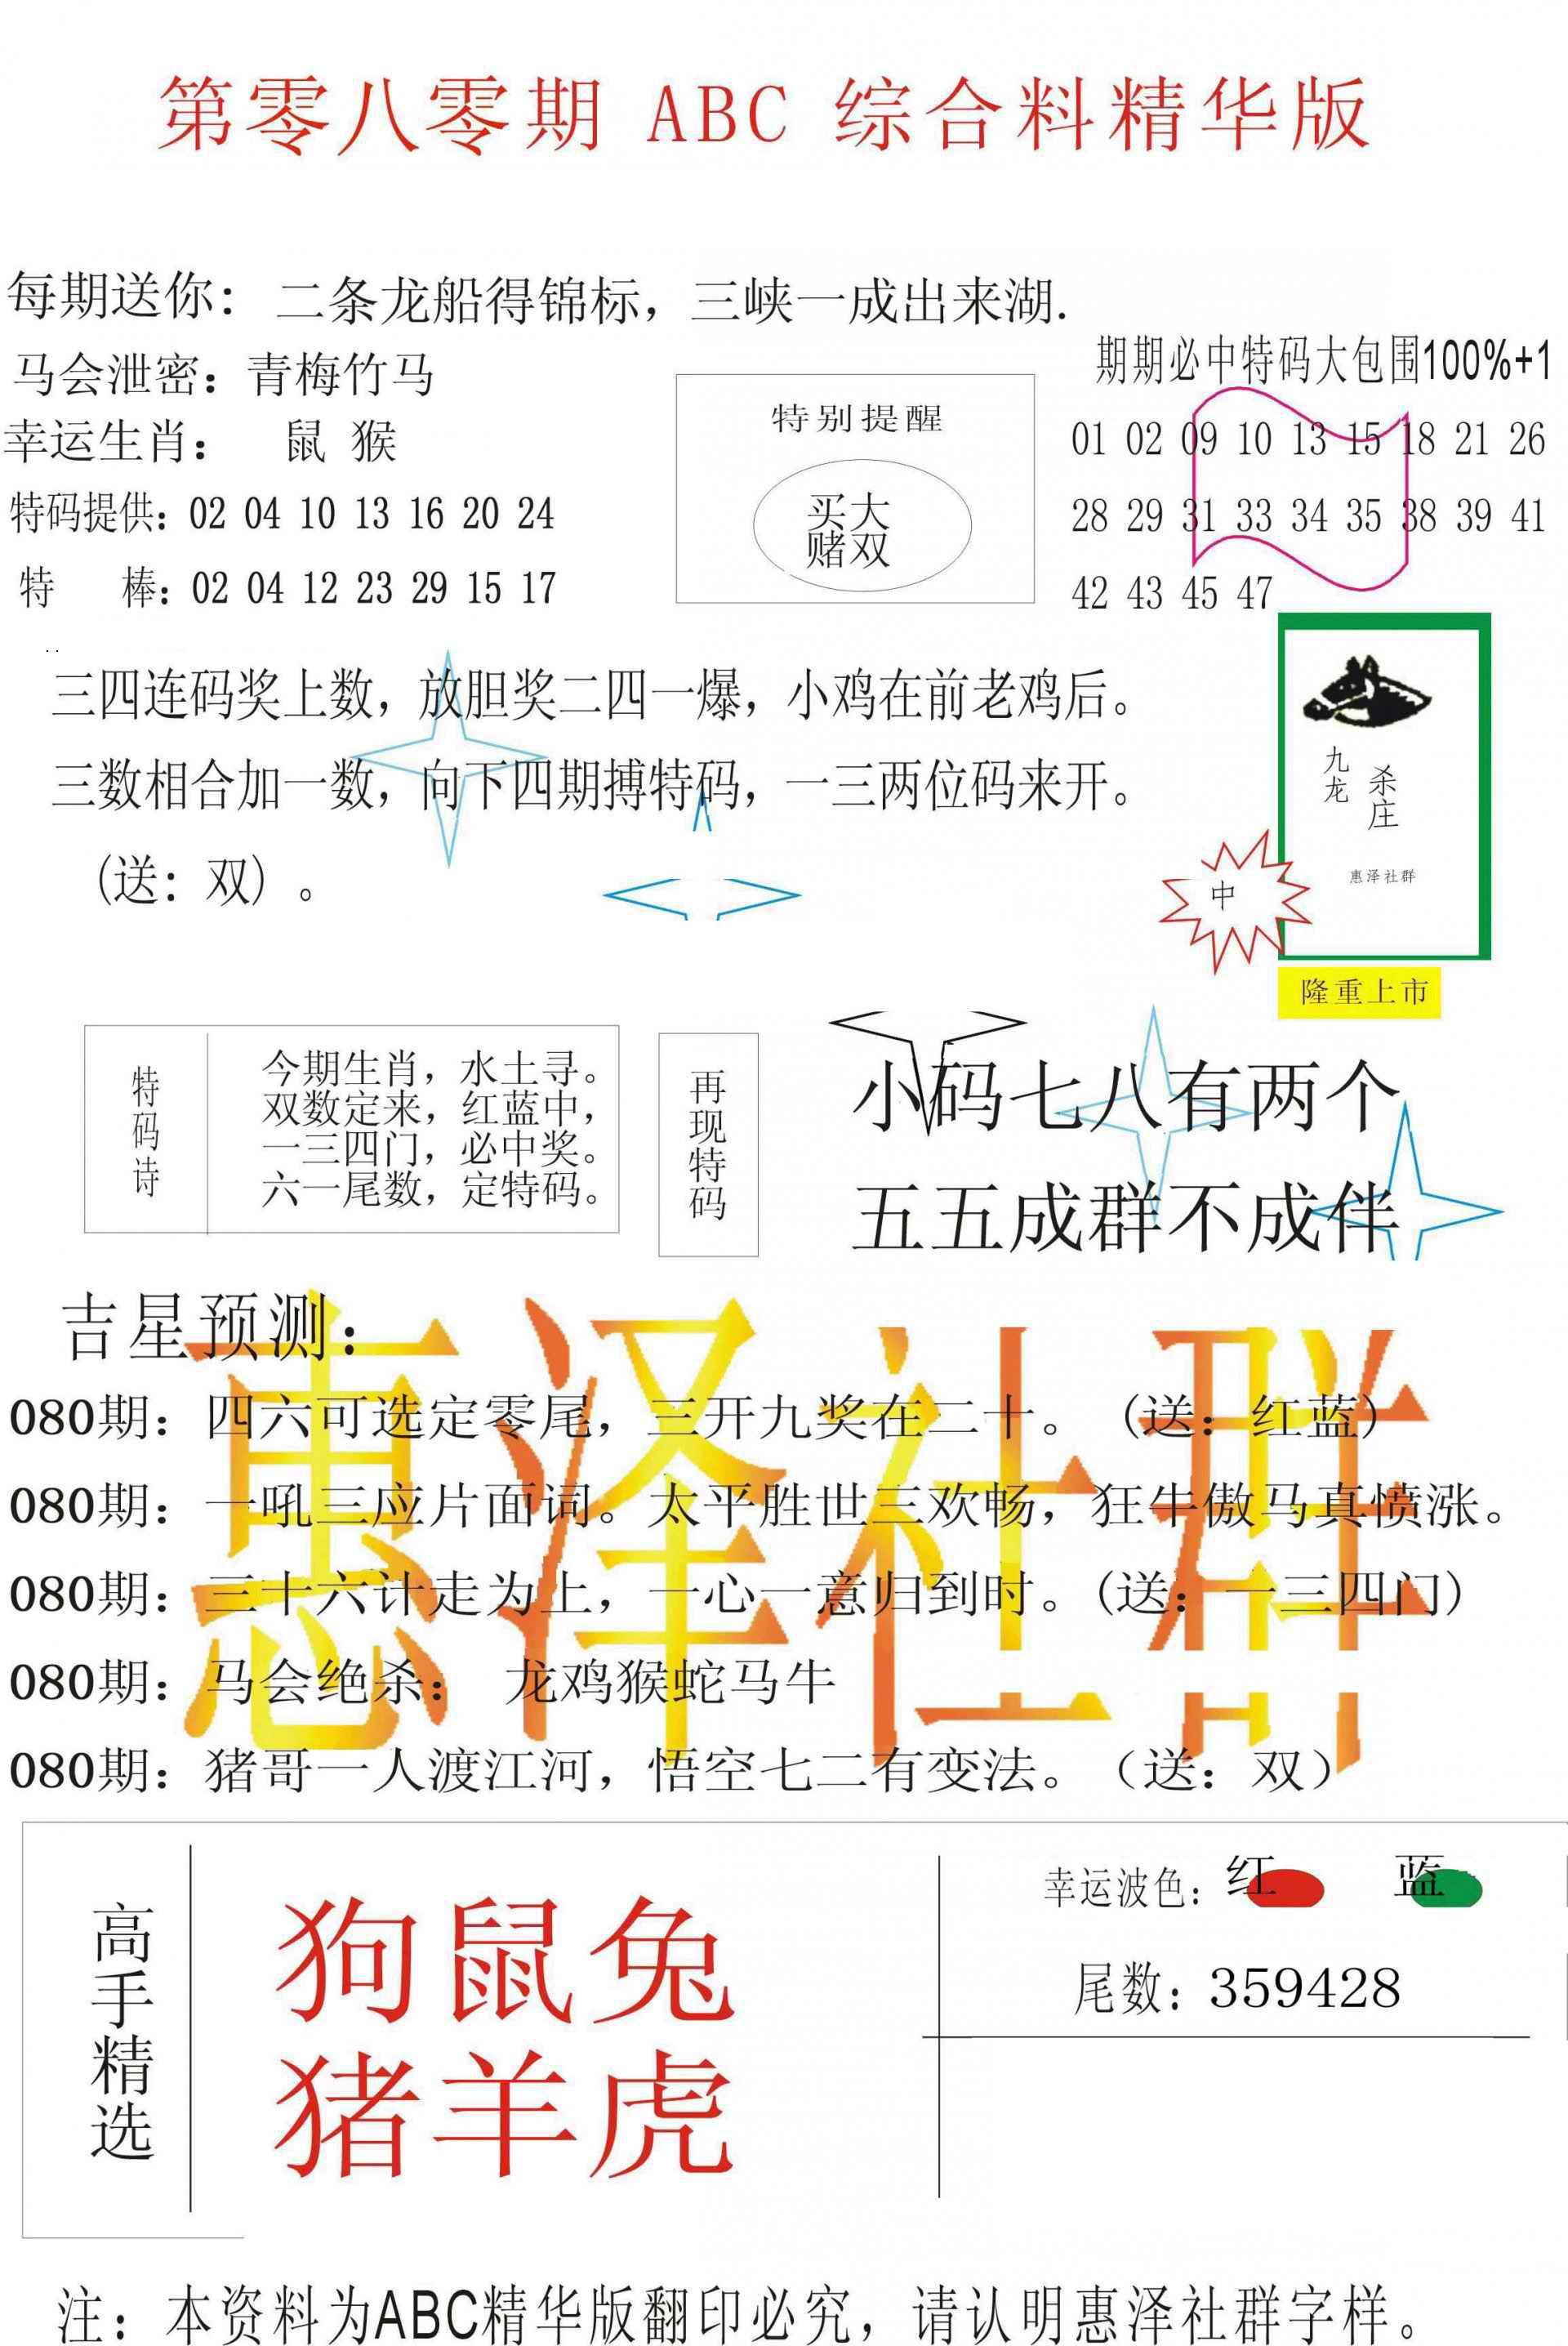 080期ABC综合正版资料